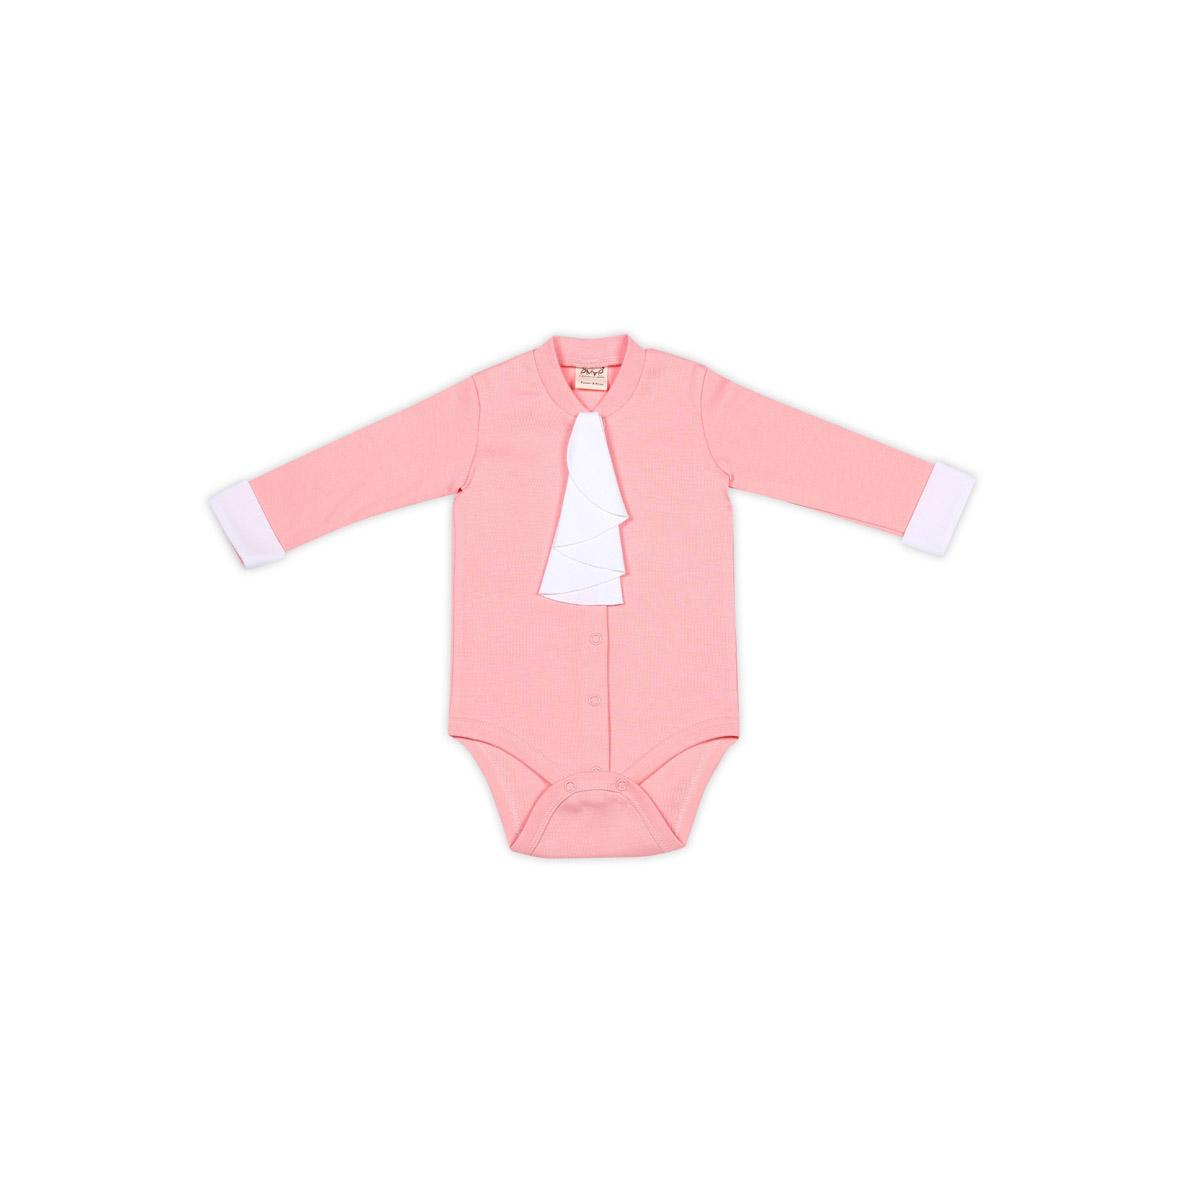 Боди Ёмаё Венеция (24-242) рост 62 розовый<br>